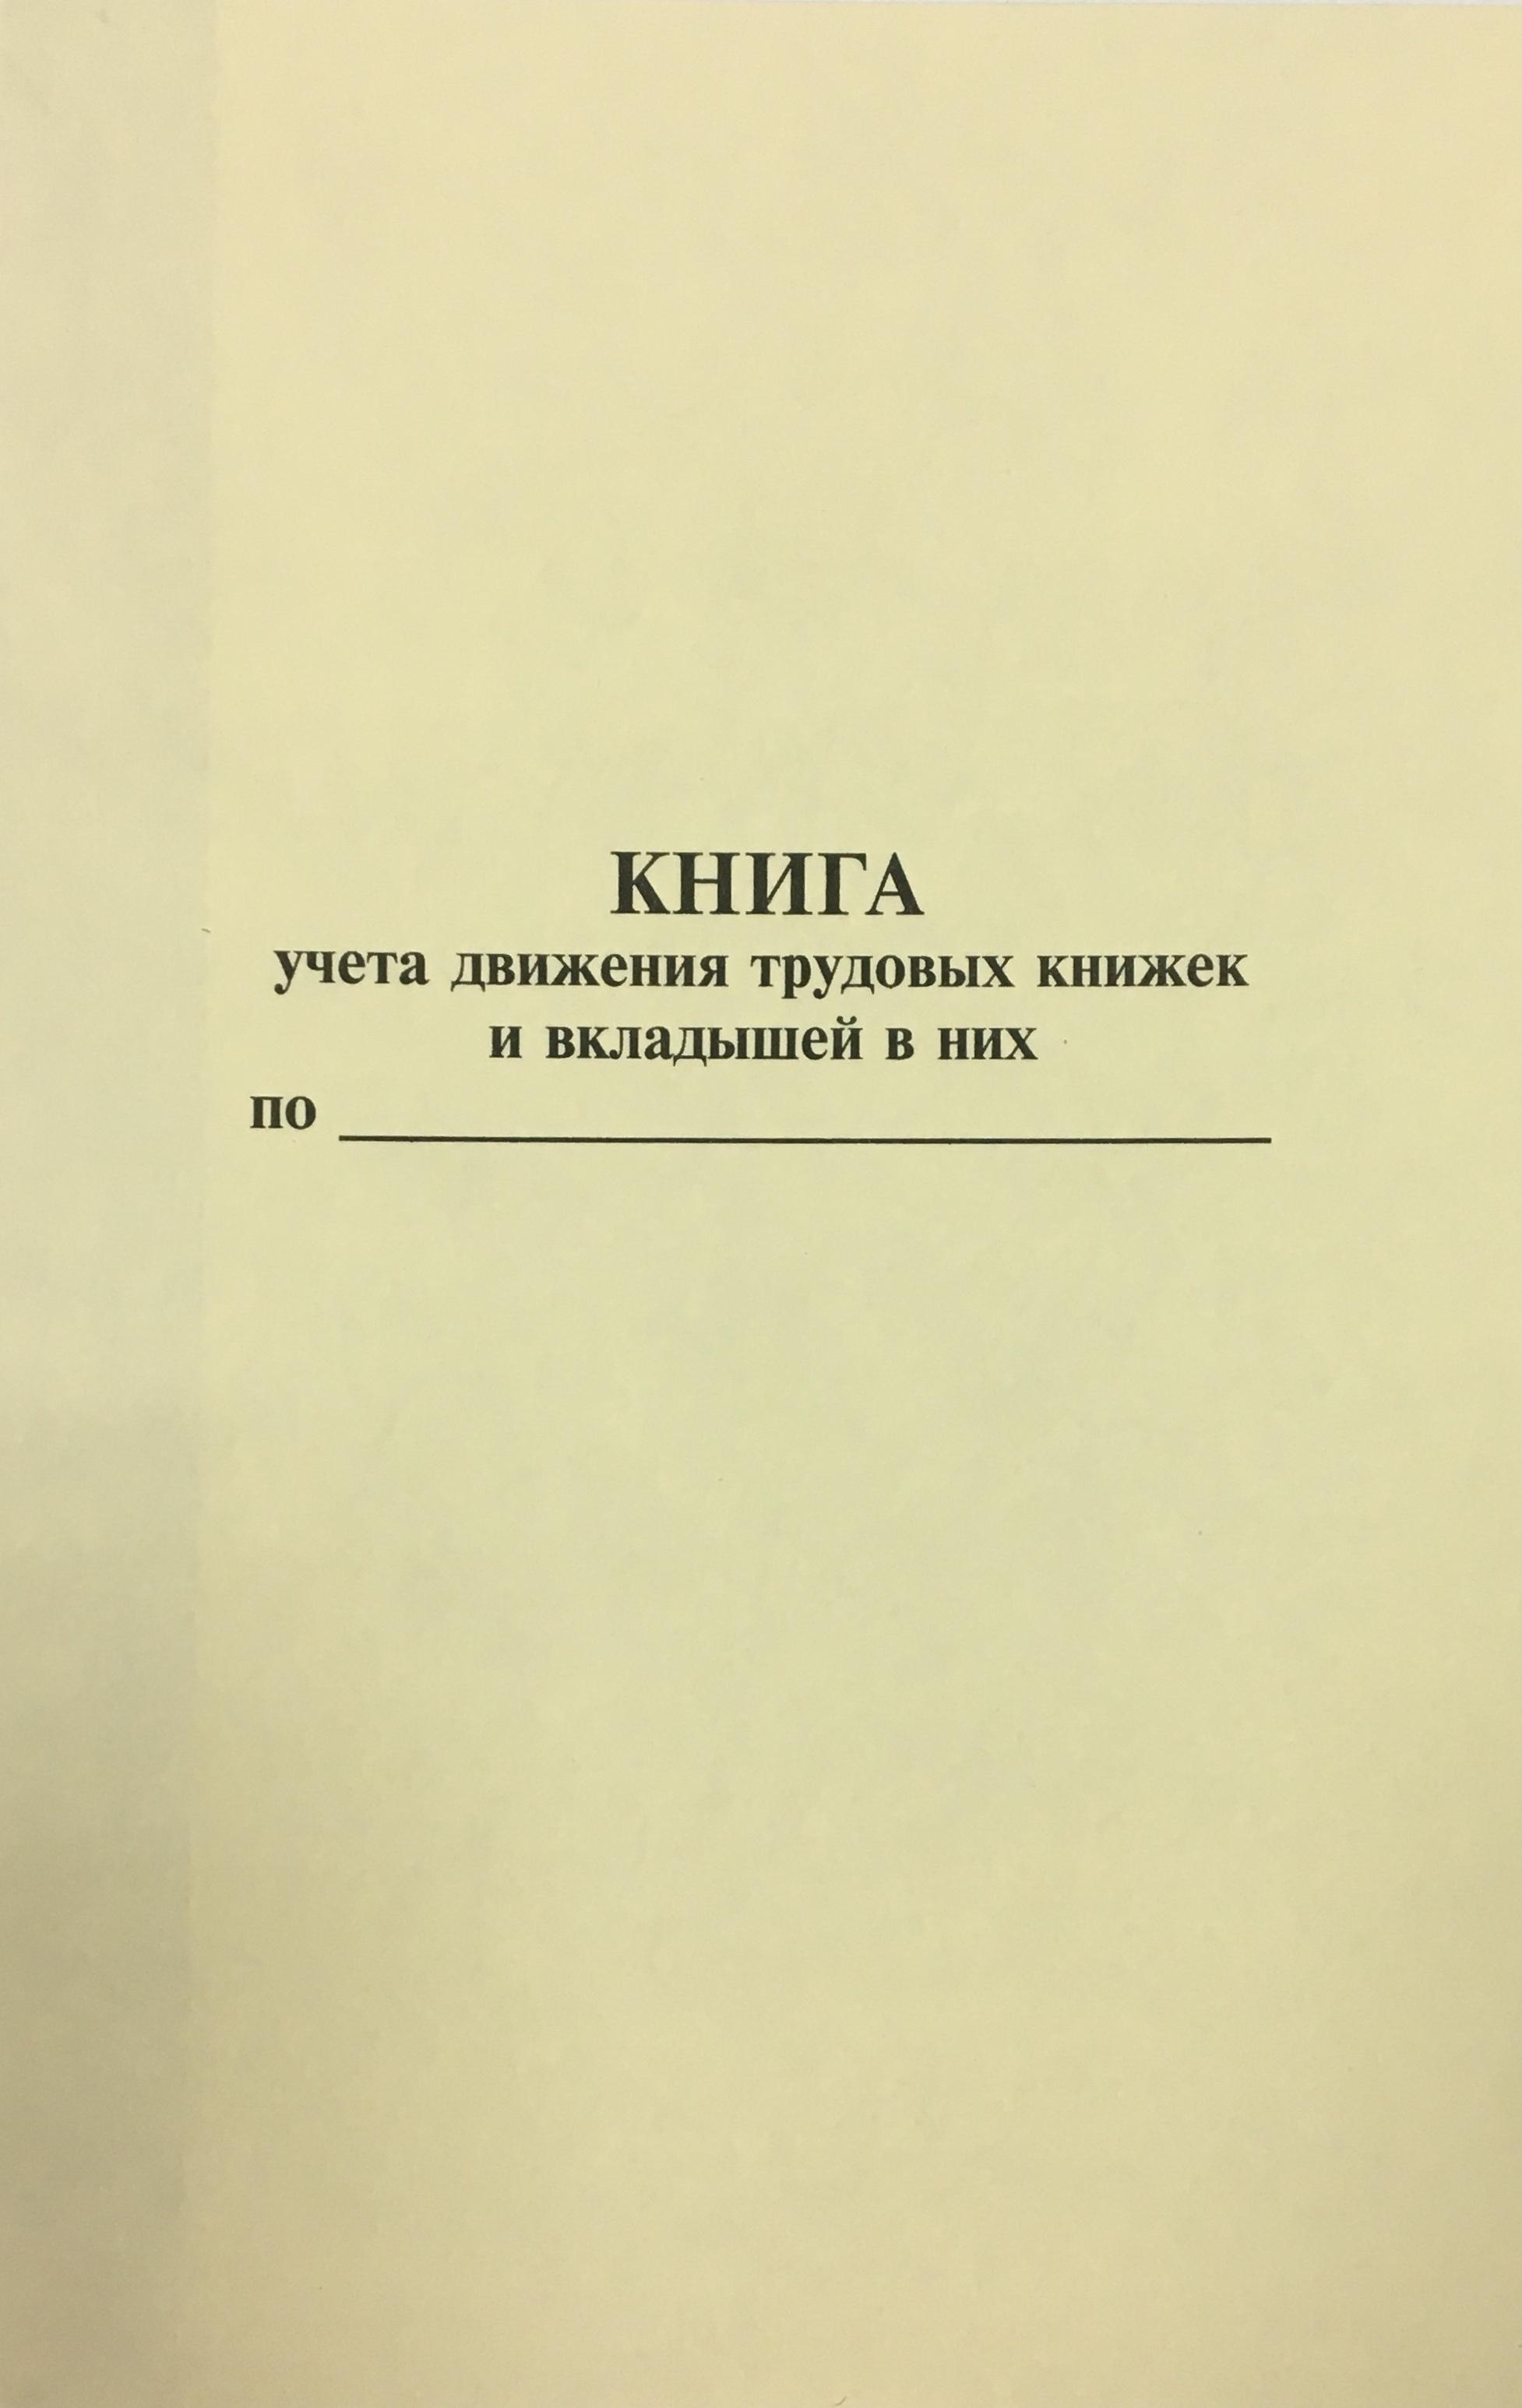 Книга учета движения трудовых книжек и вкладышей в них